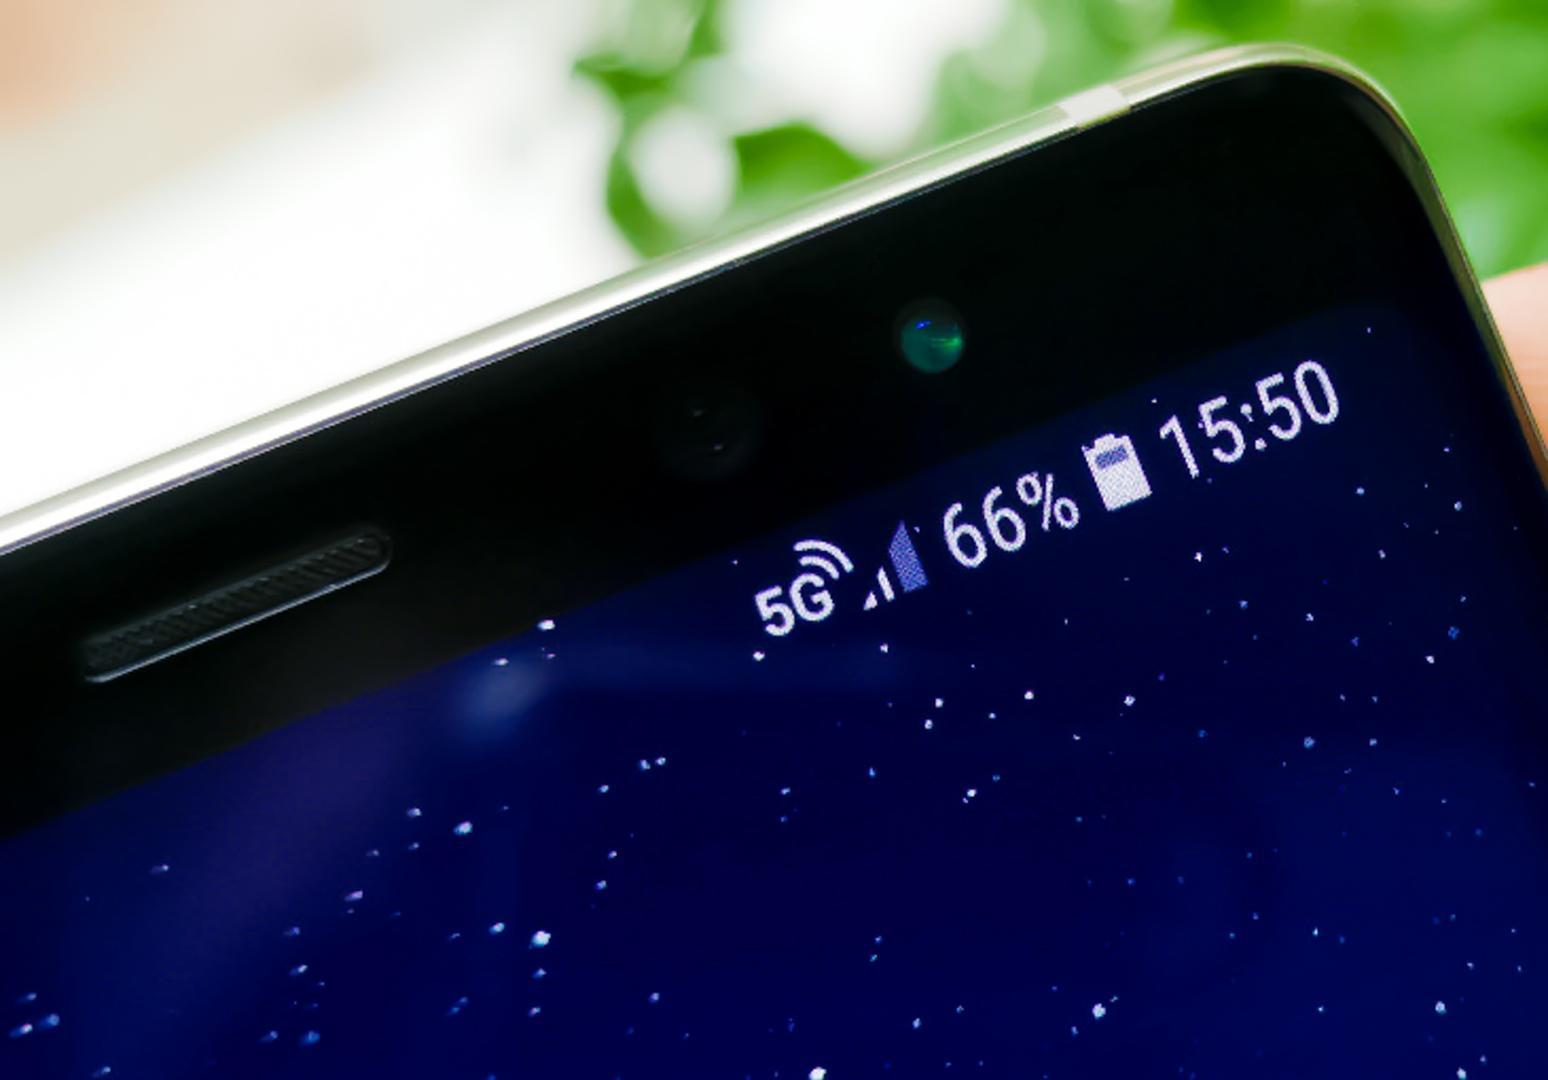 Эксперты дали прогноз на количество пользователей 5G к концу 2021 года